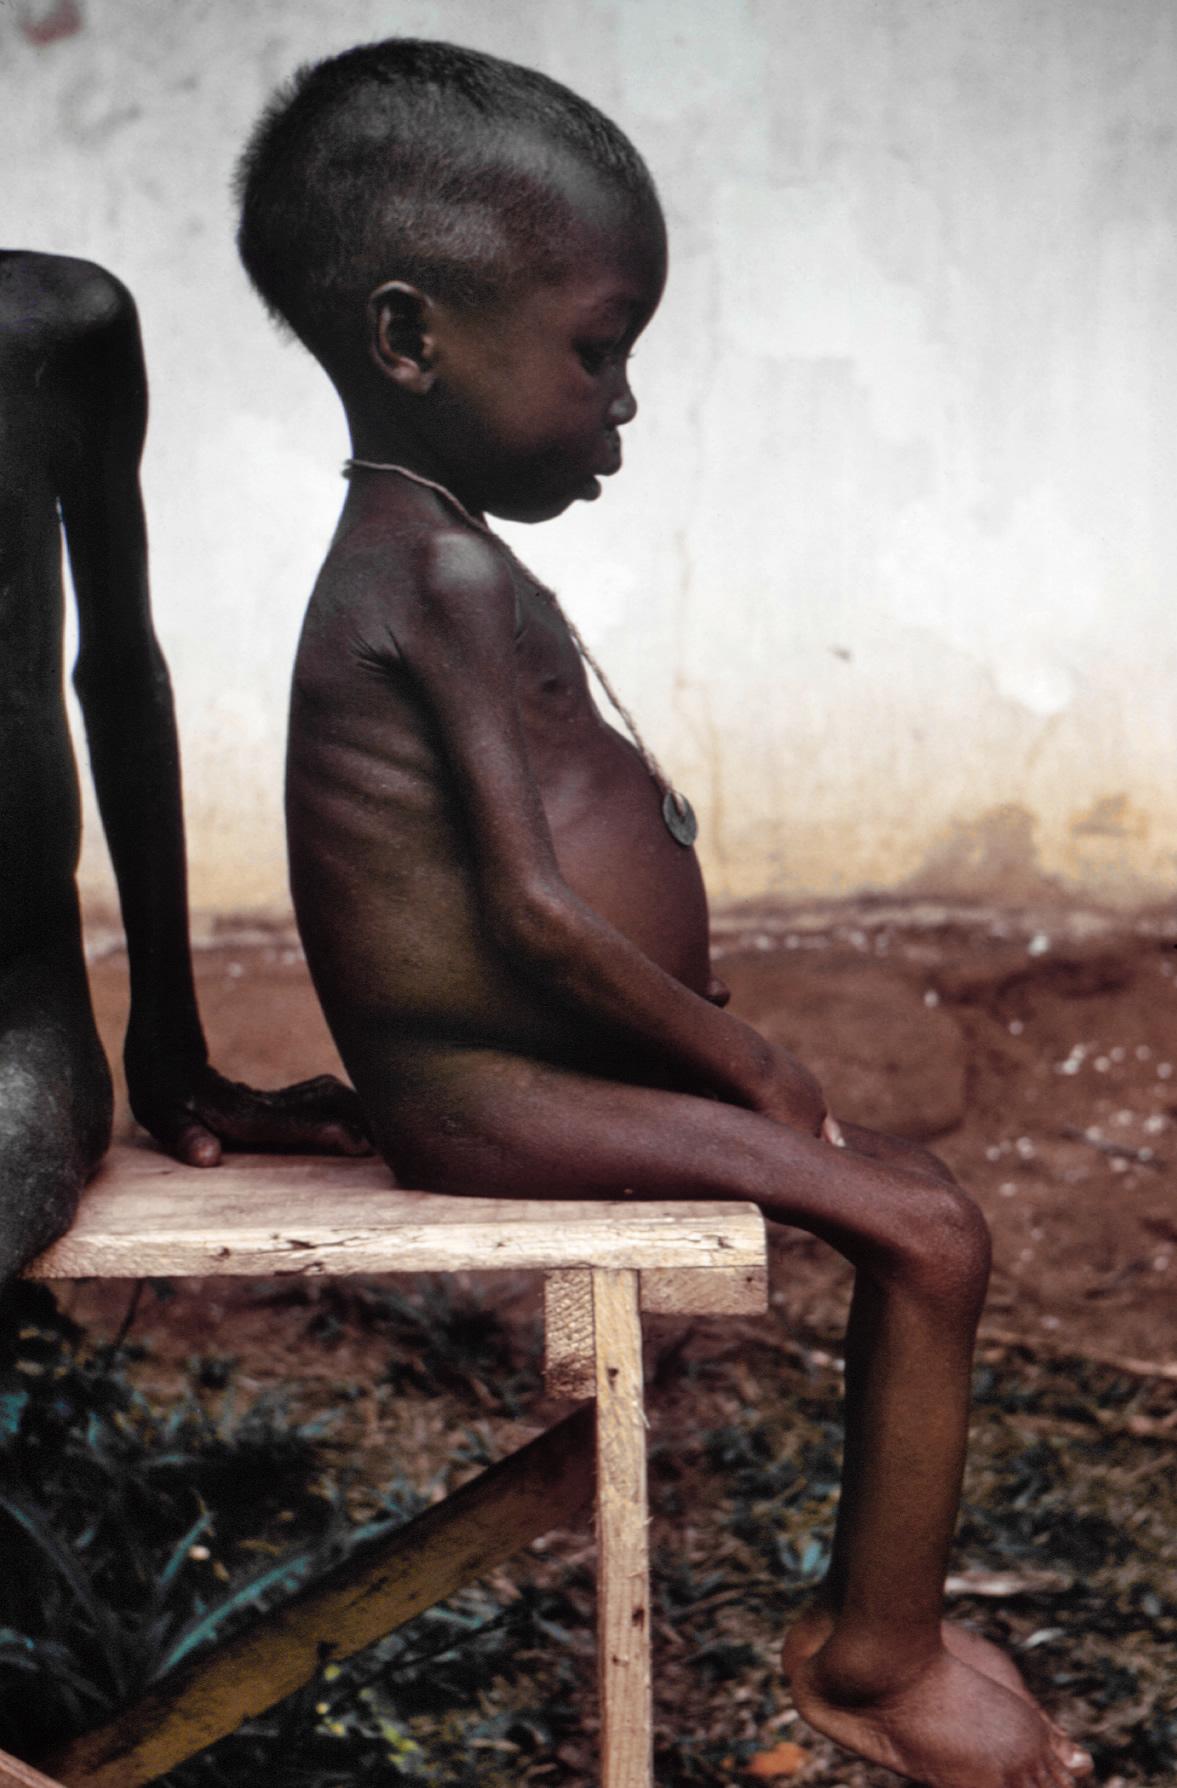 Starved girl, Nigeria famine